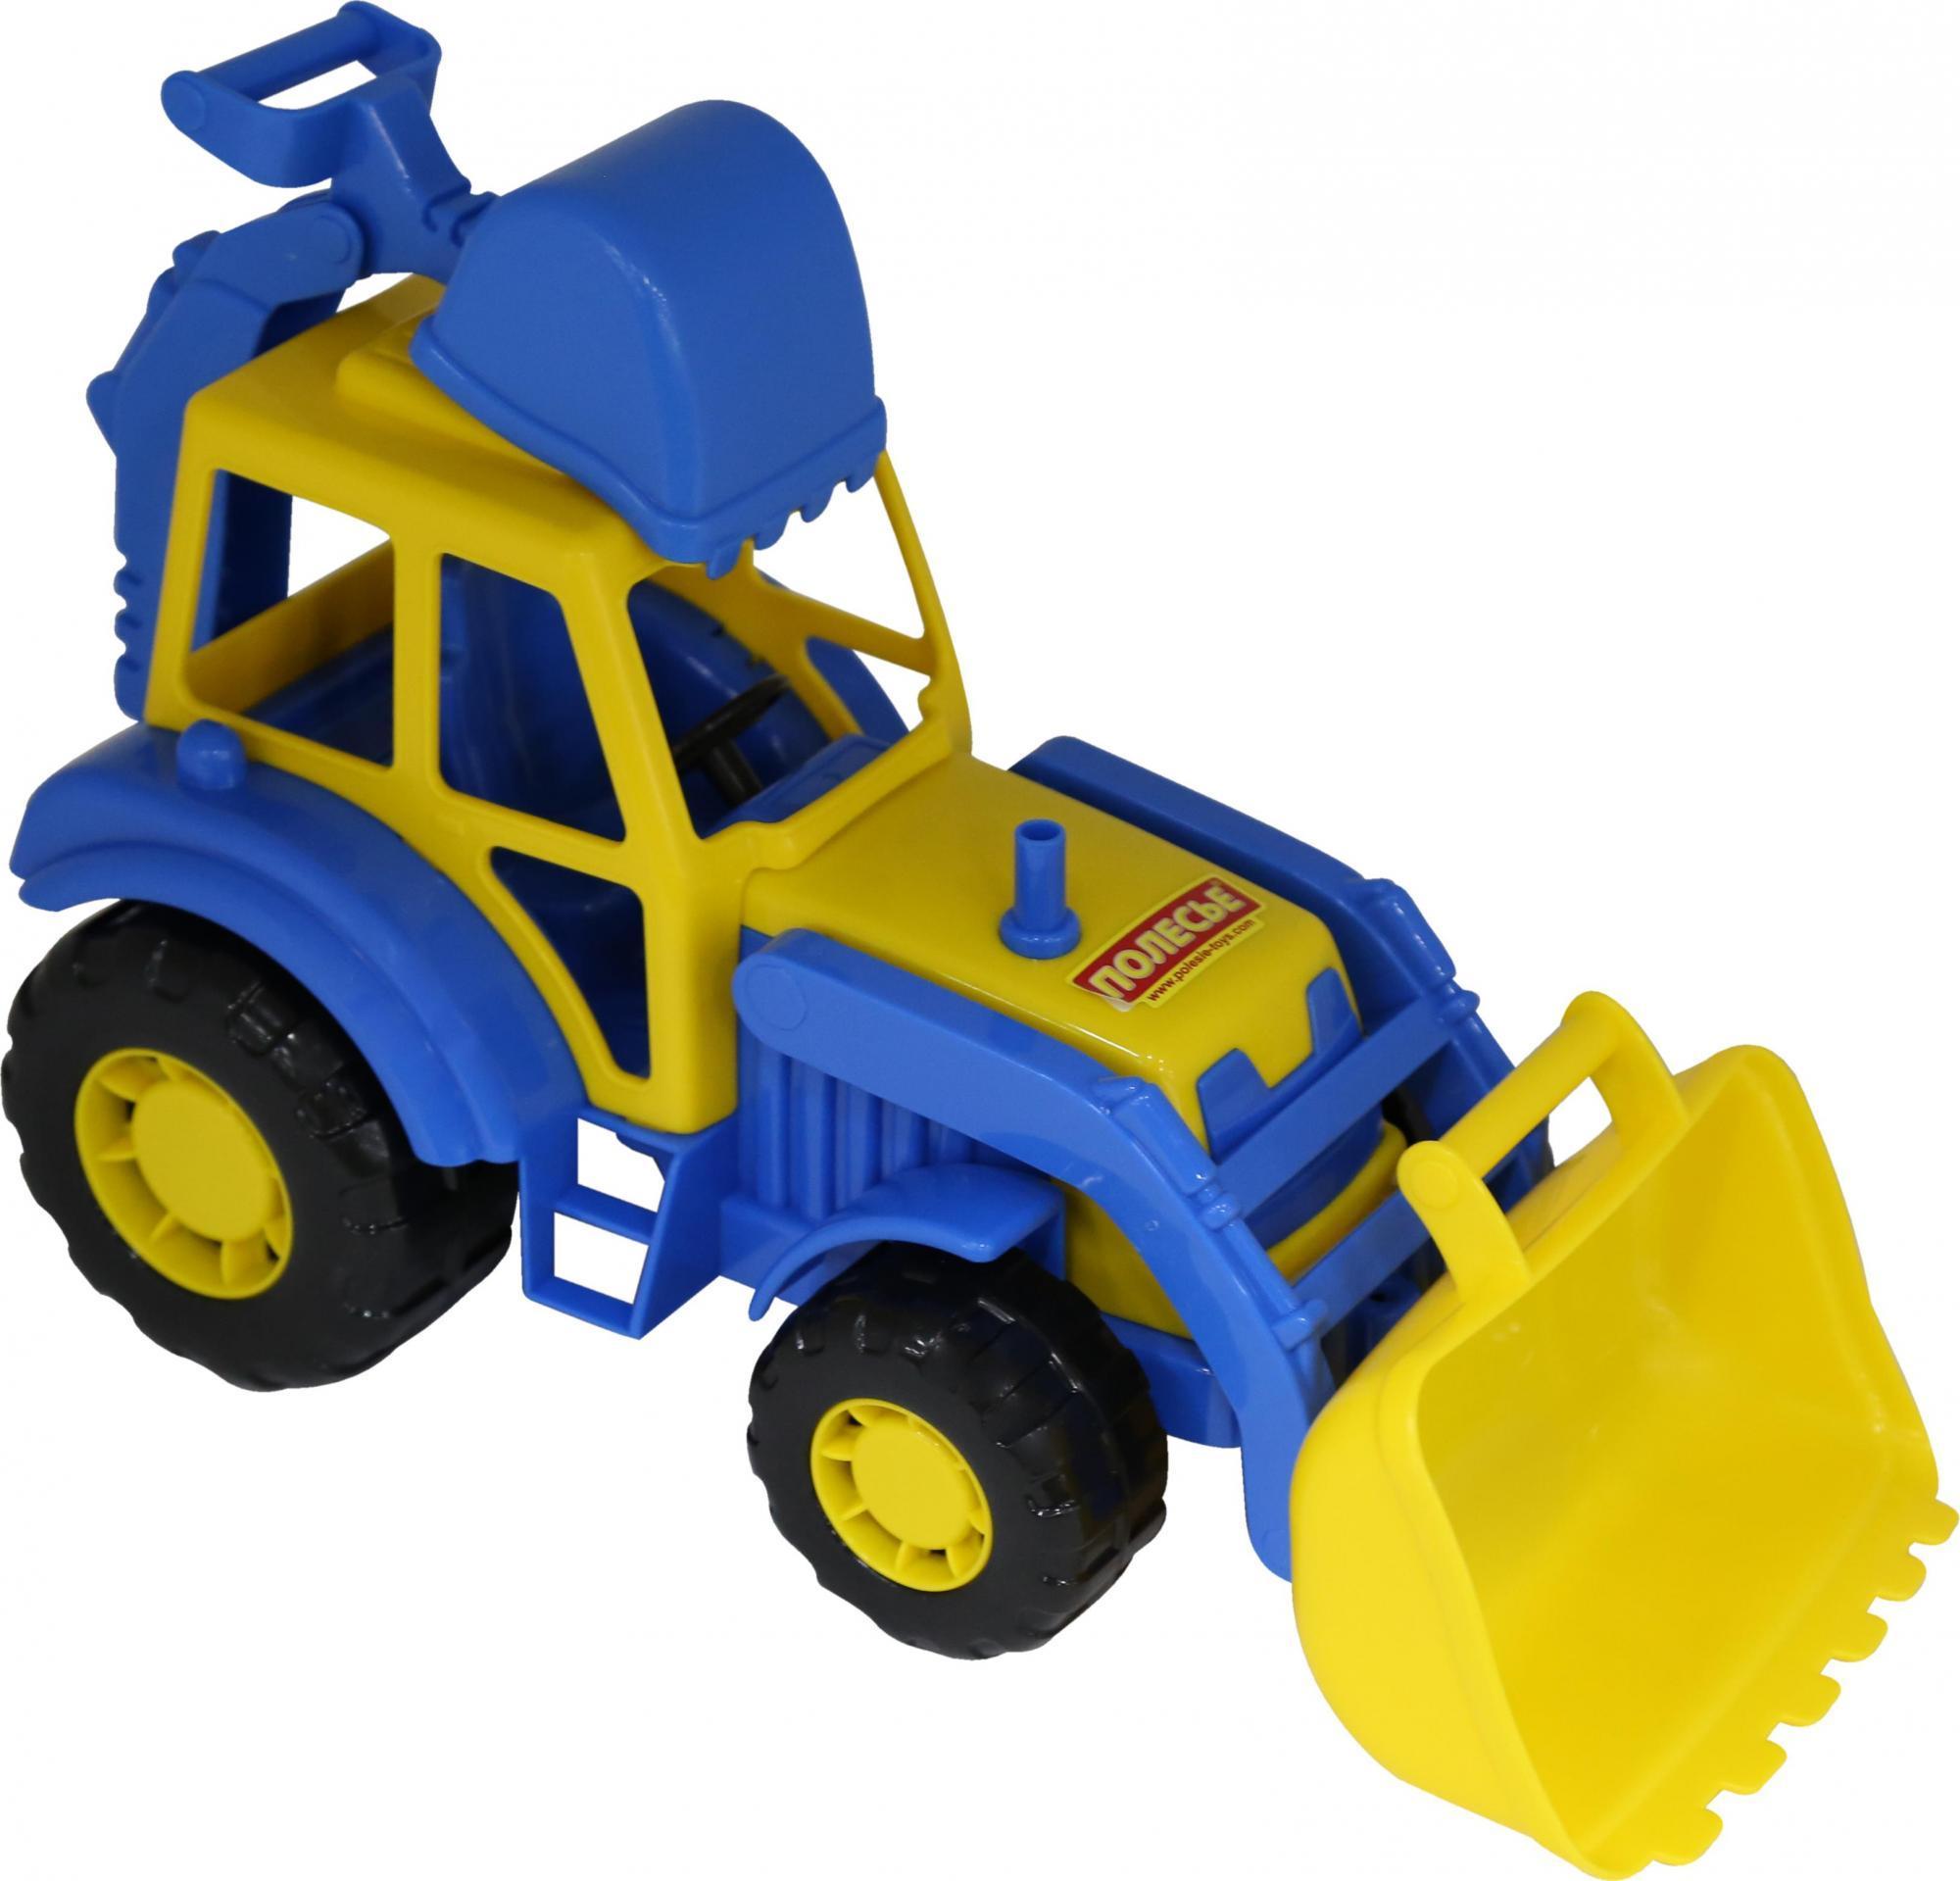 Праздникам онлайн, картинки с тракторами для мальчиков